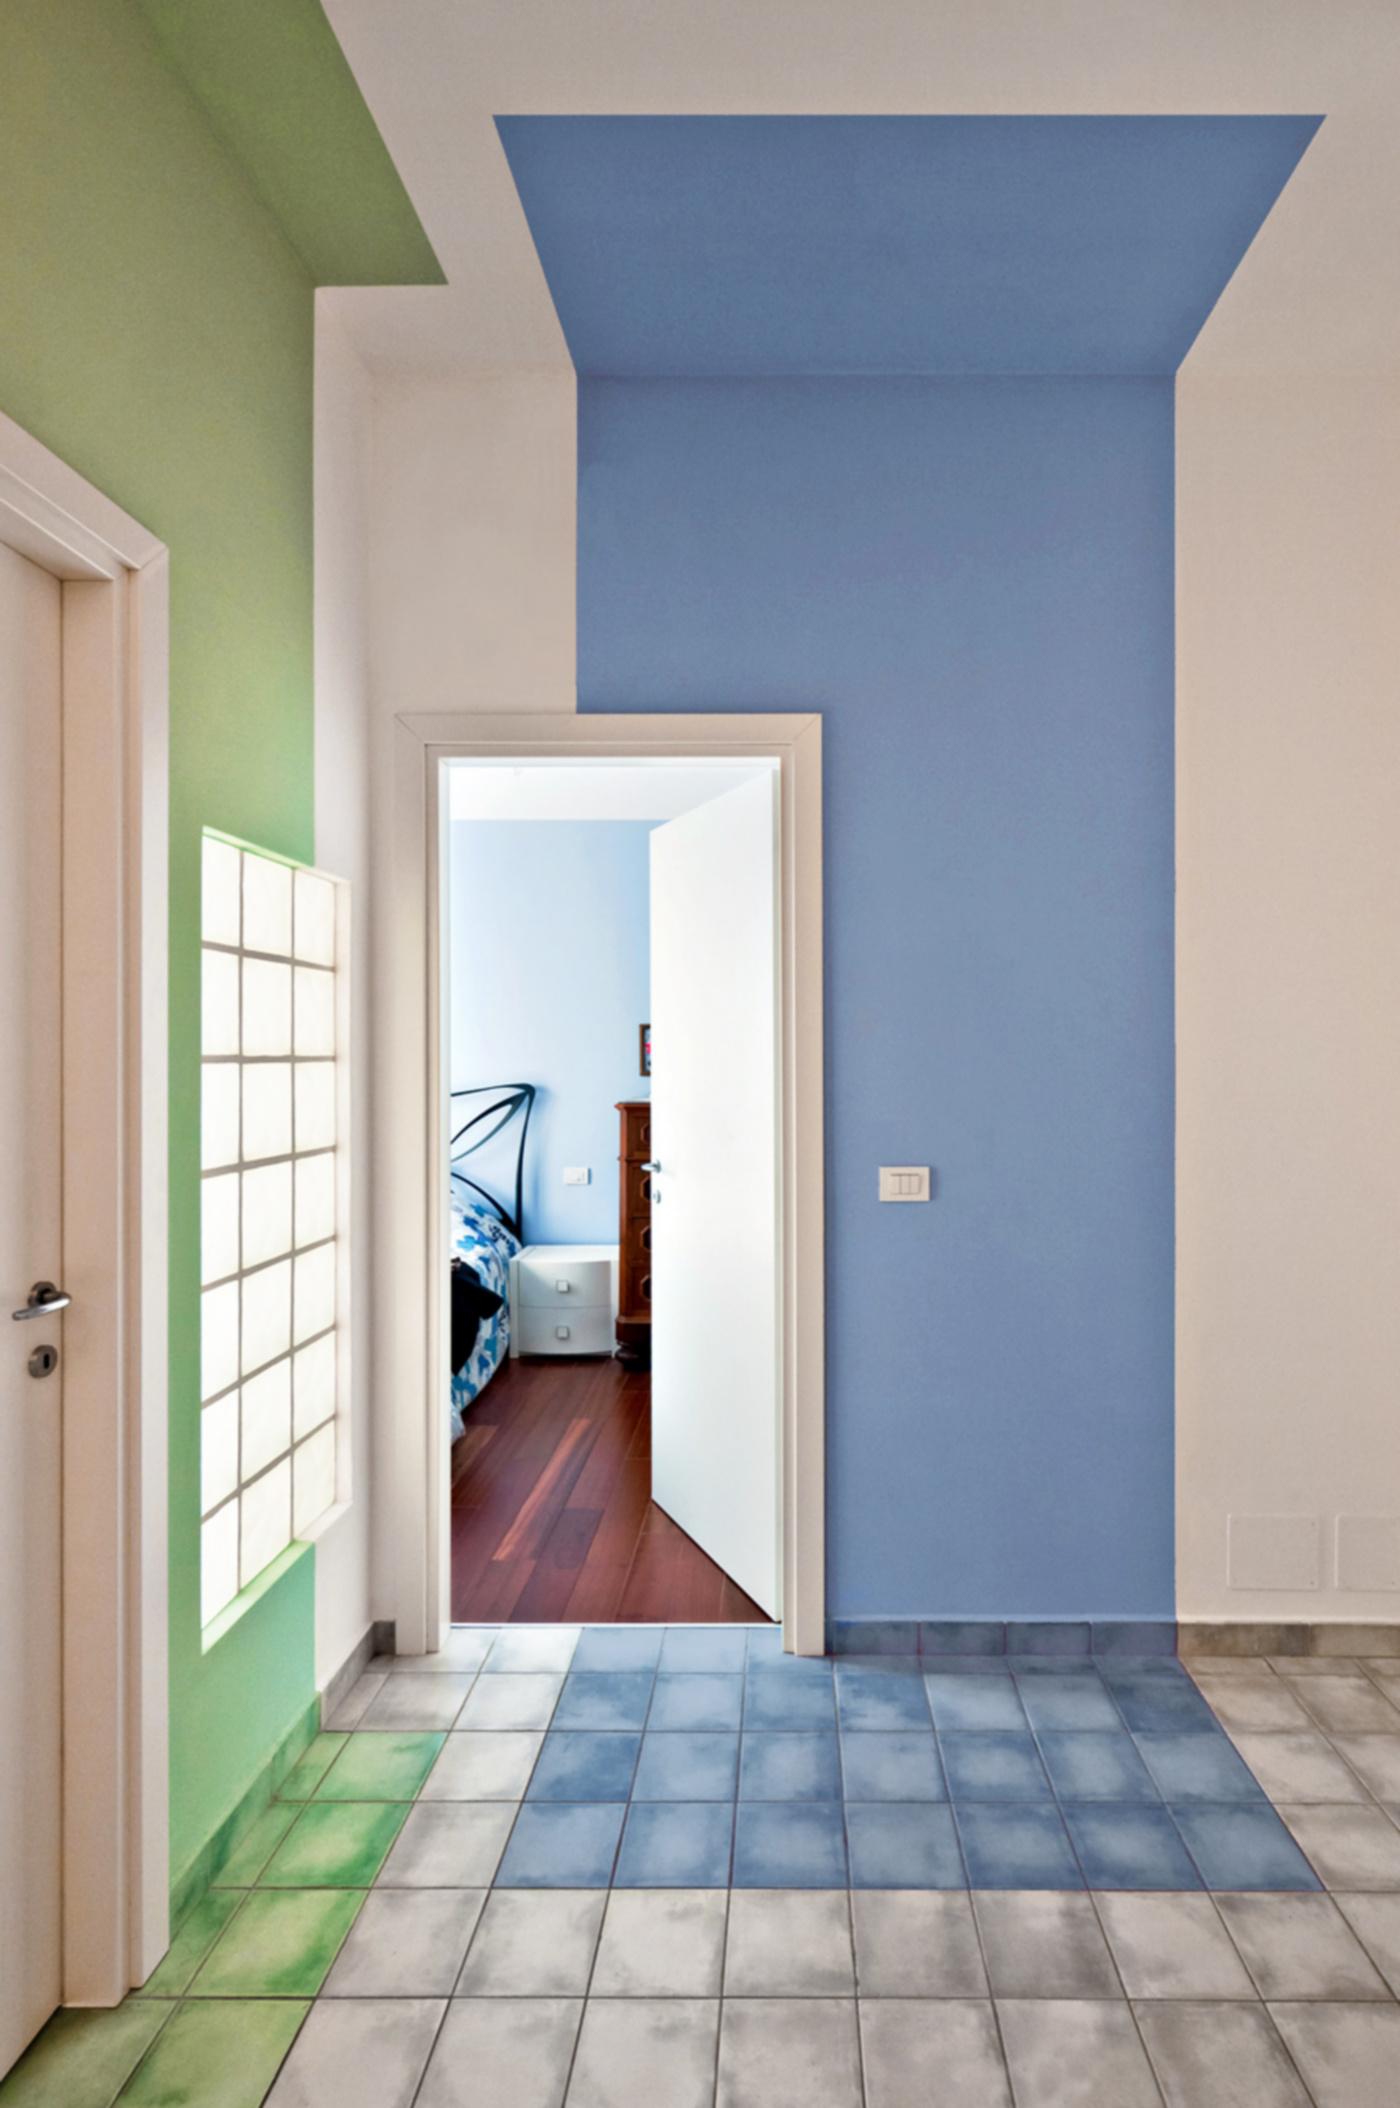 Una ristrutturazione che trasforma il colore in spazio. Il disimpegno e le nicchie colorate | Bottega di Architettura